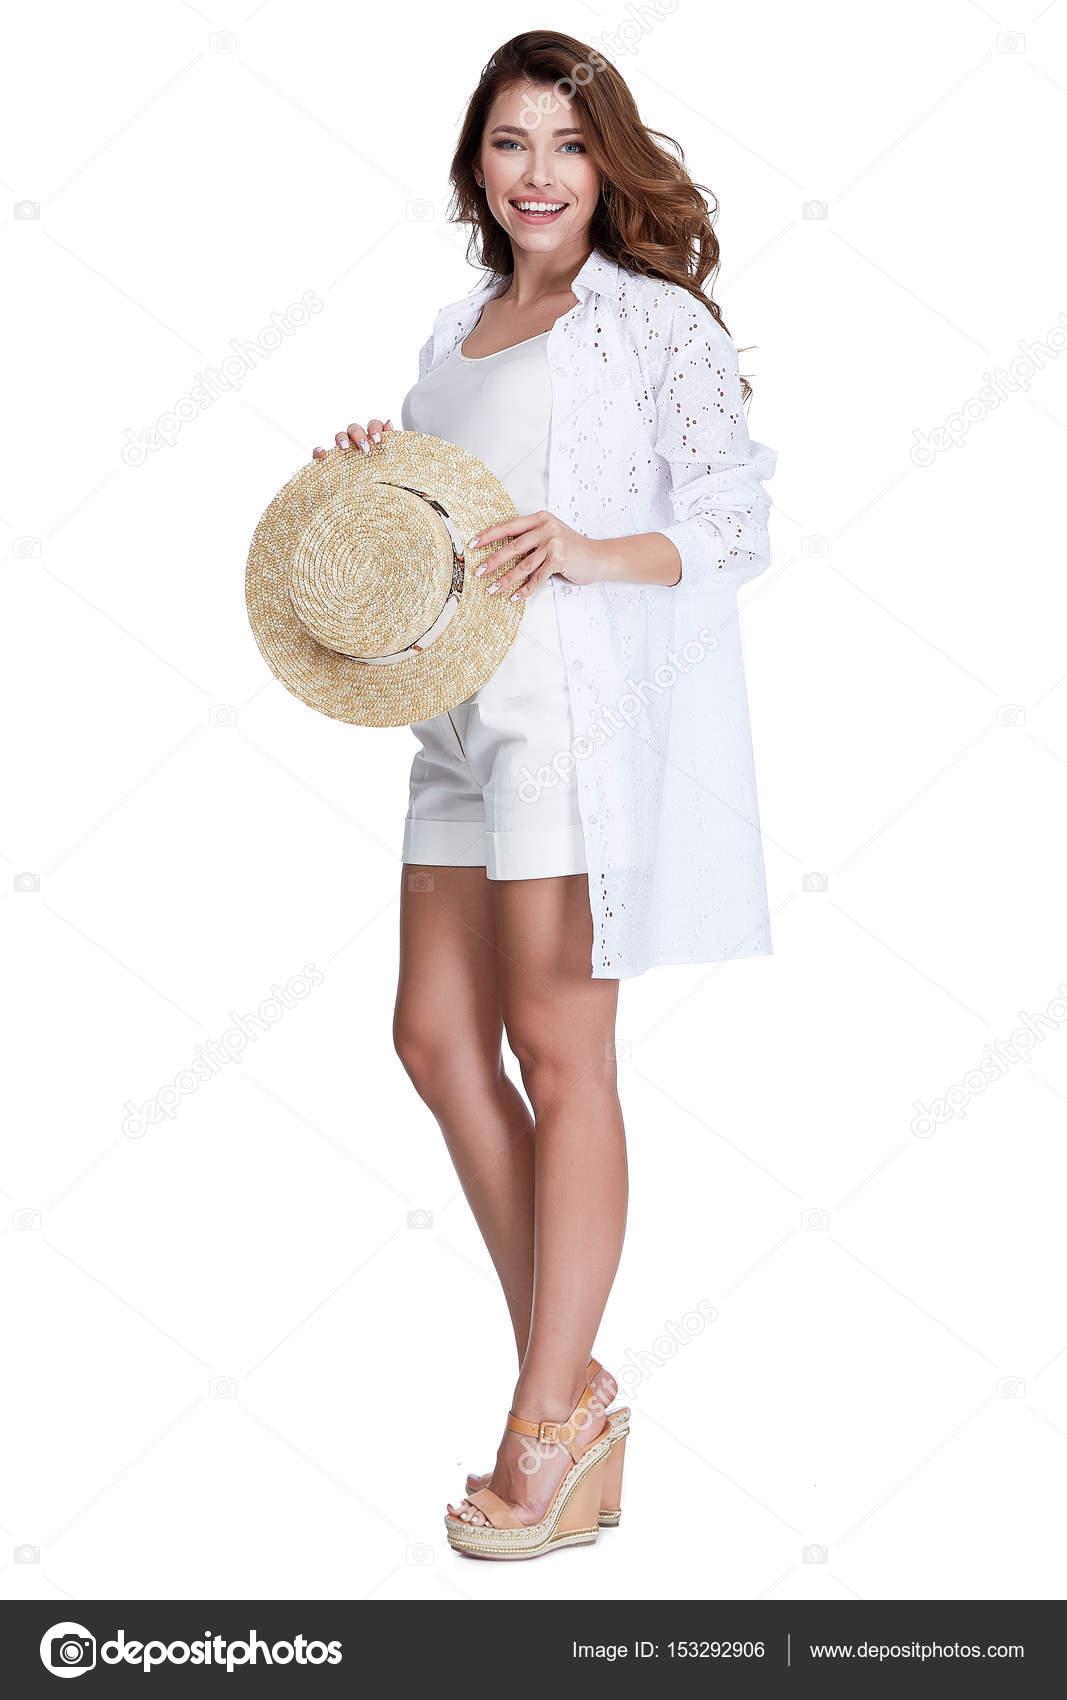 9a1d26f74921 Летняя коллекция каталог одежды c одежда красивая сексуальная ...